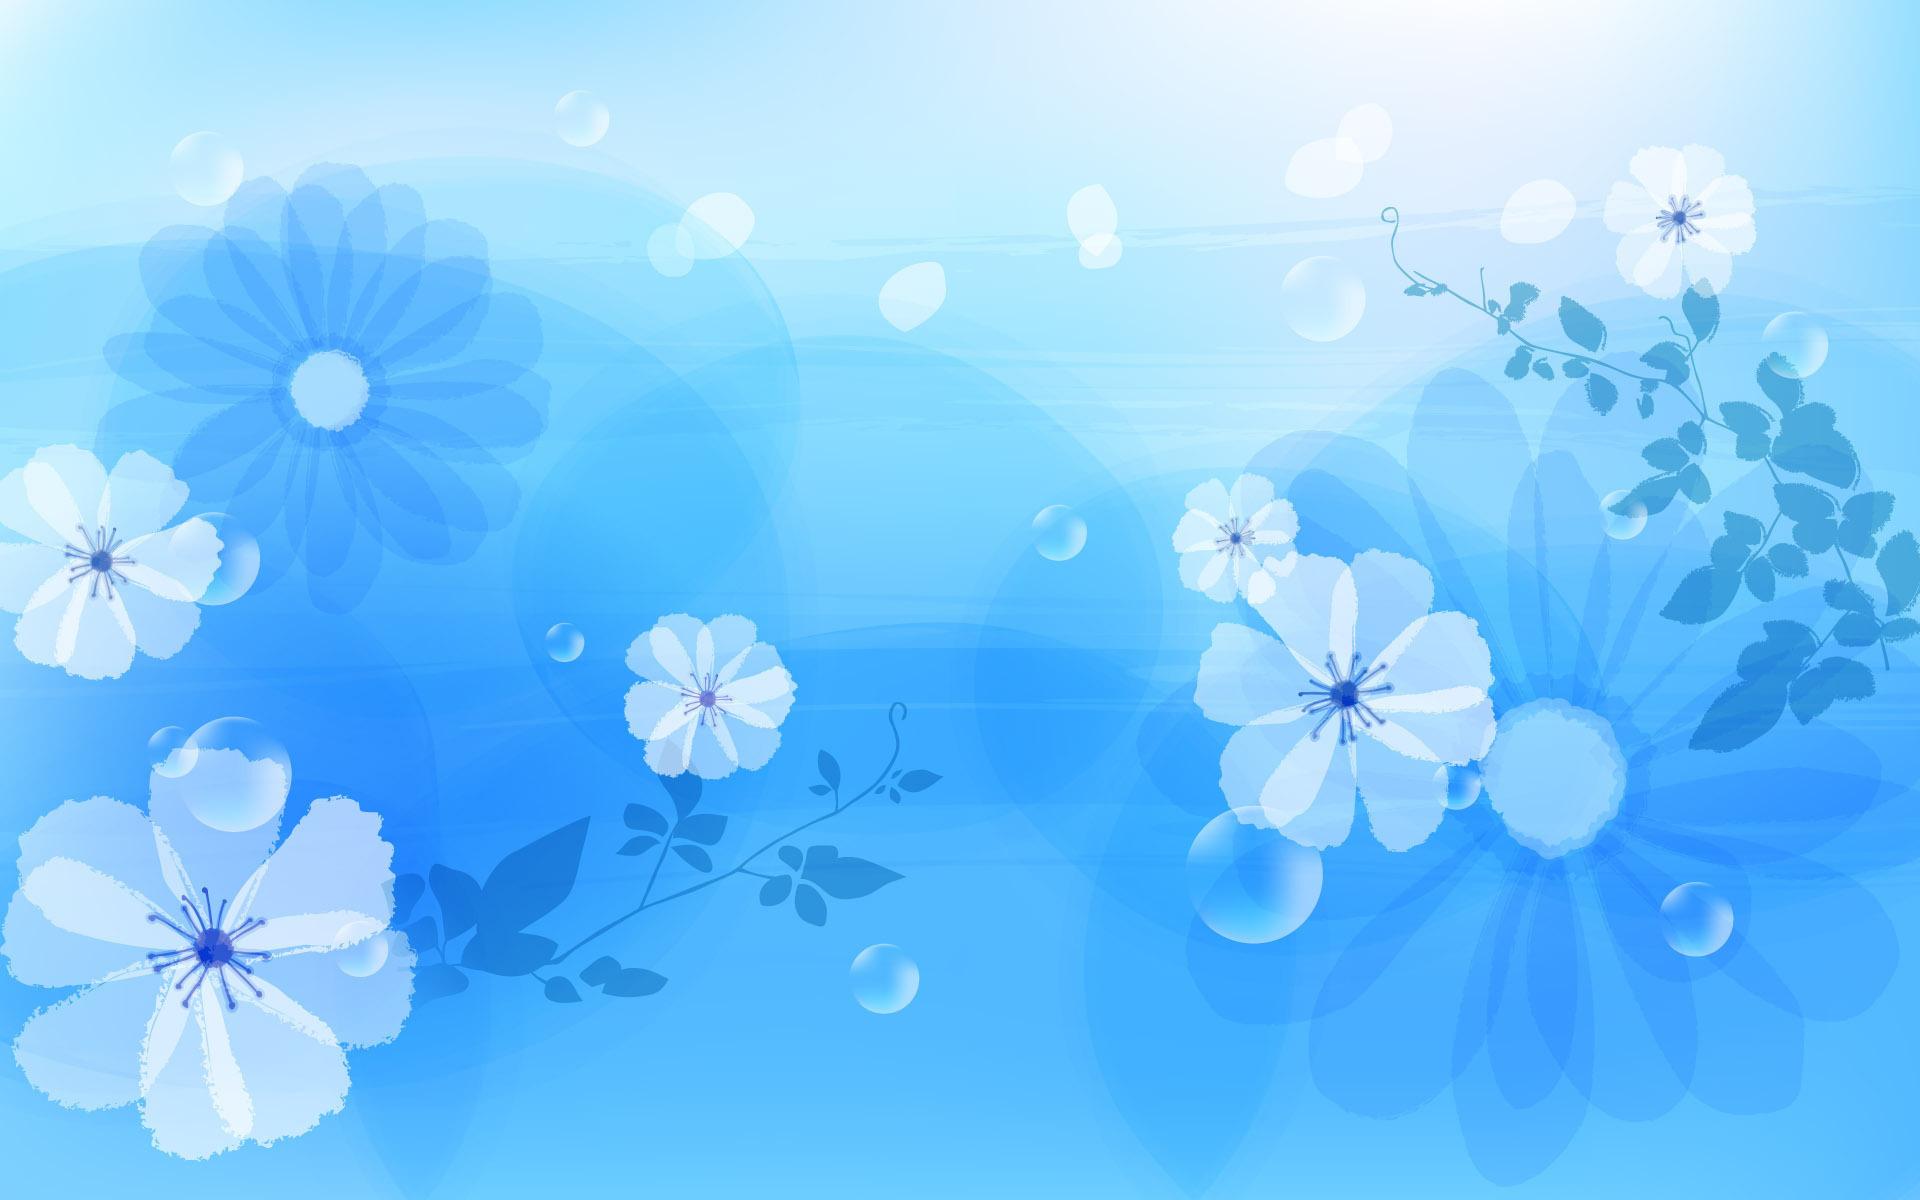 лекарства презентация картинок цветов сша